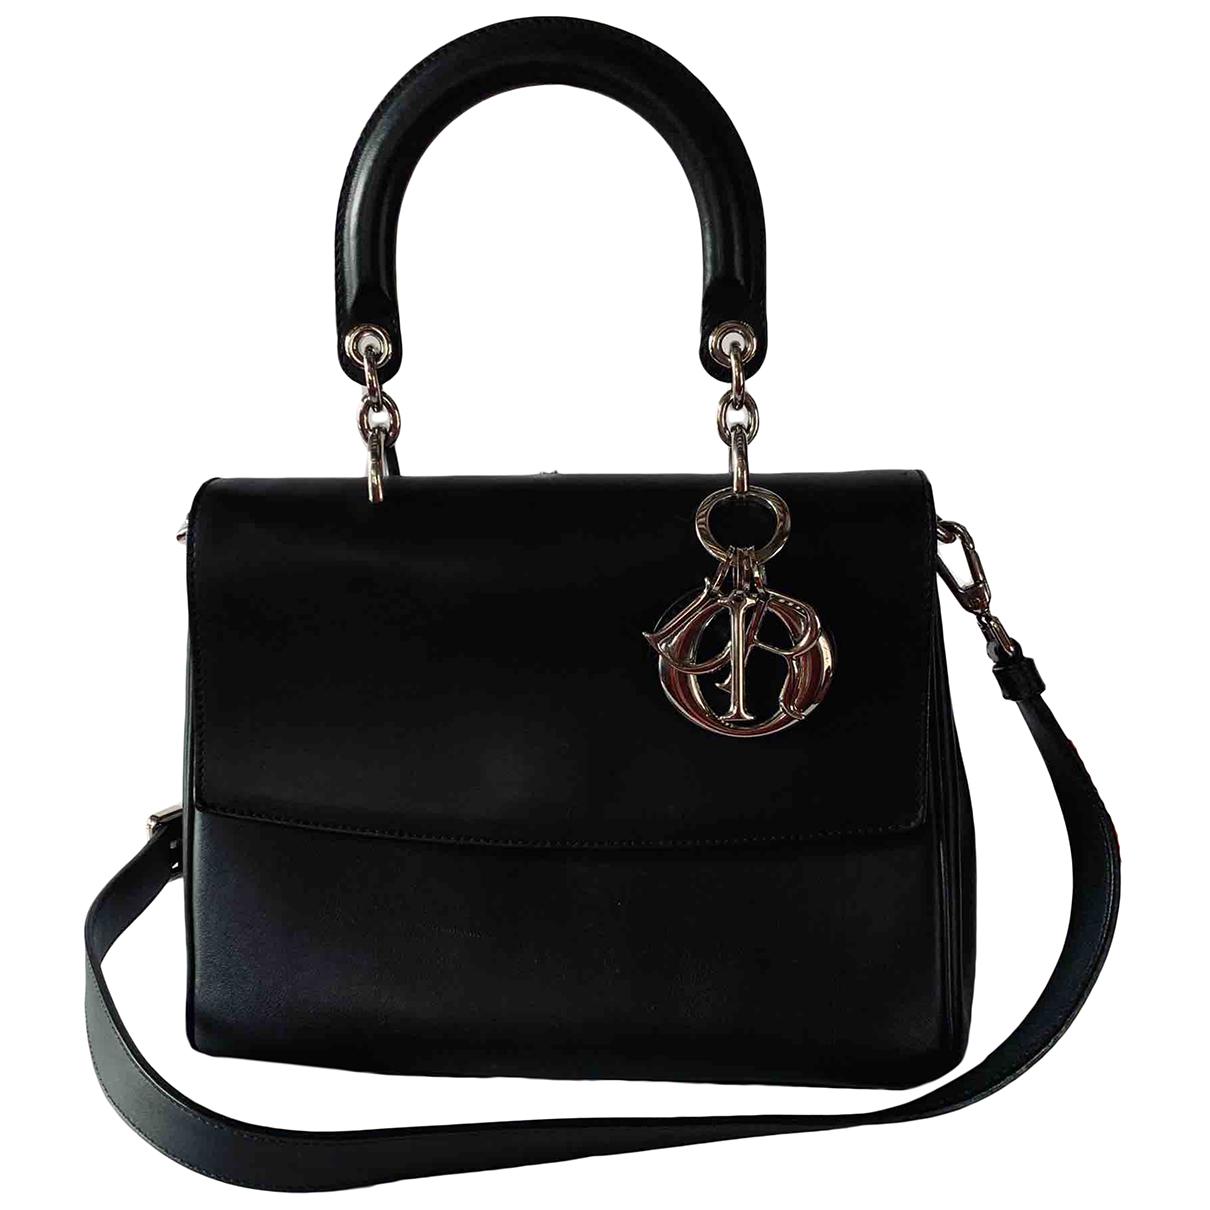 Dior - Sac a main Be Dior pour femme en cuir - noir